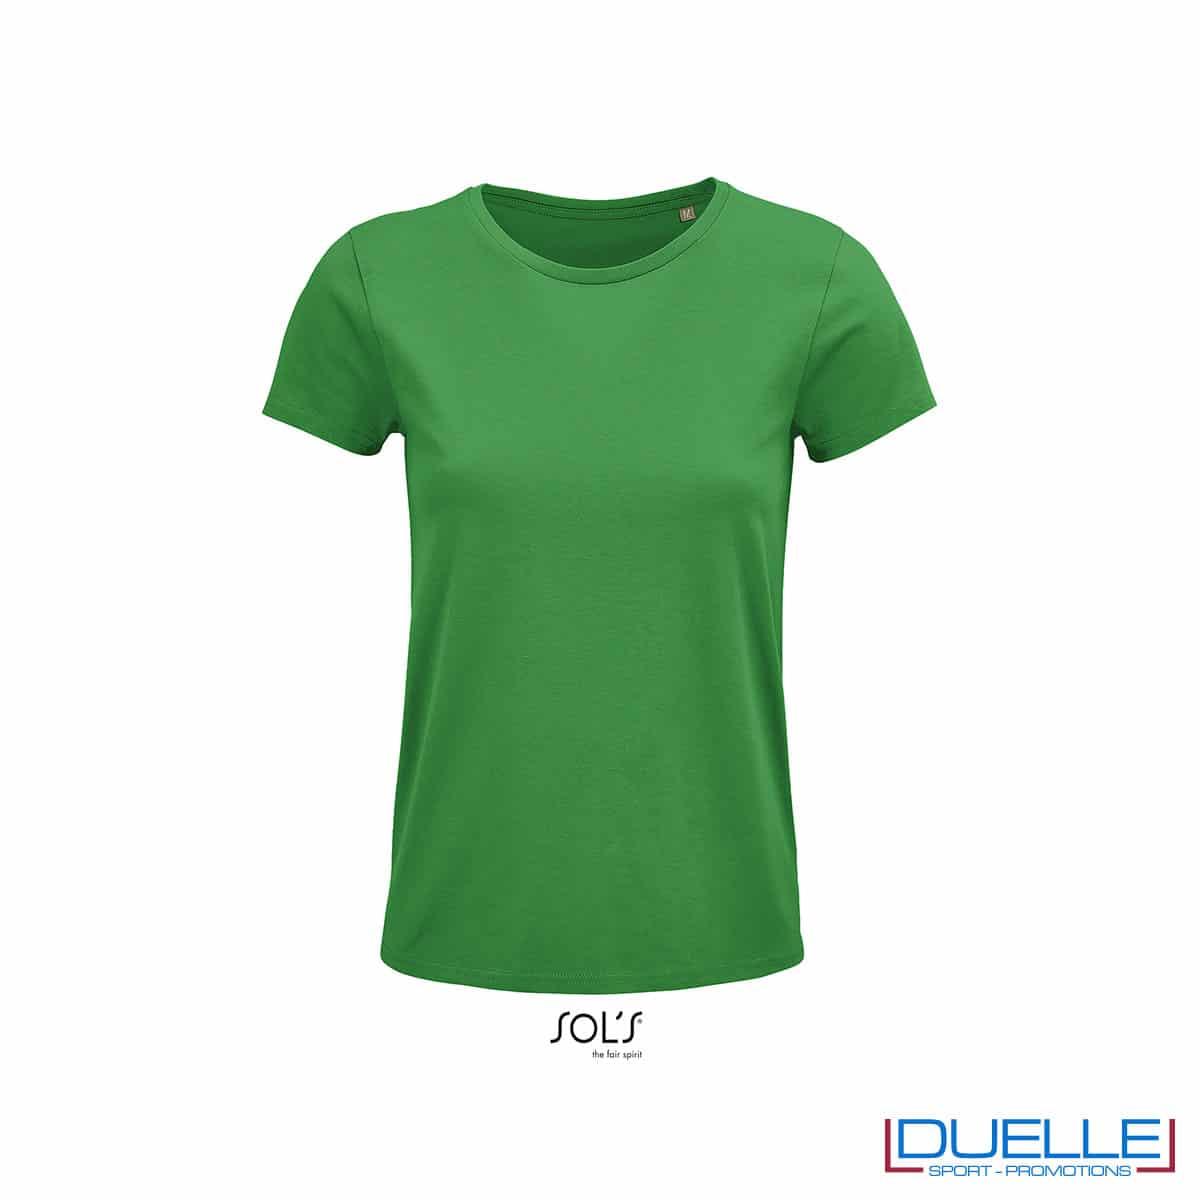 Maglia verde donna 100% cotone